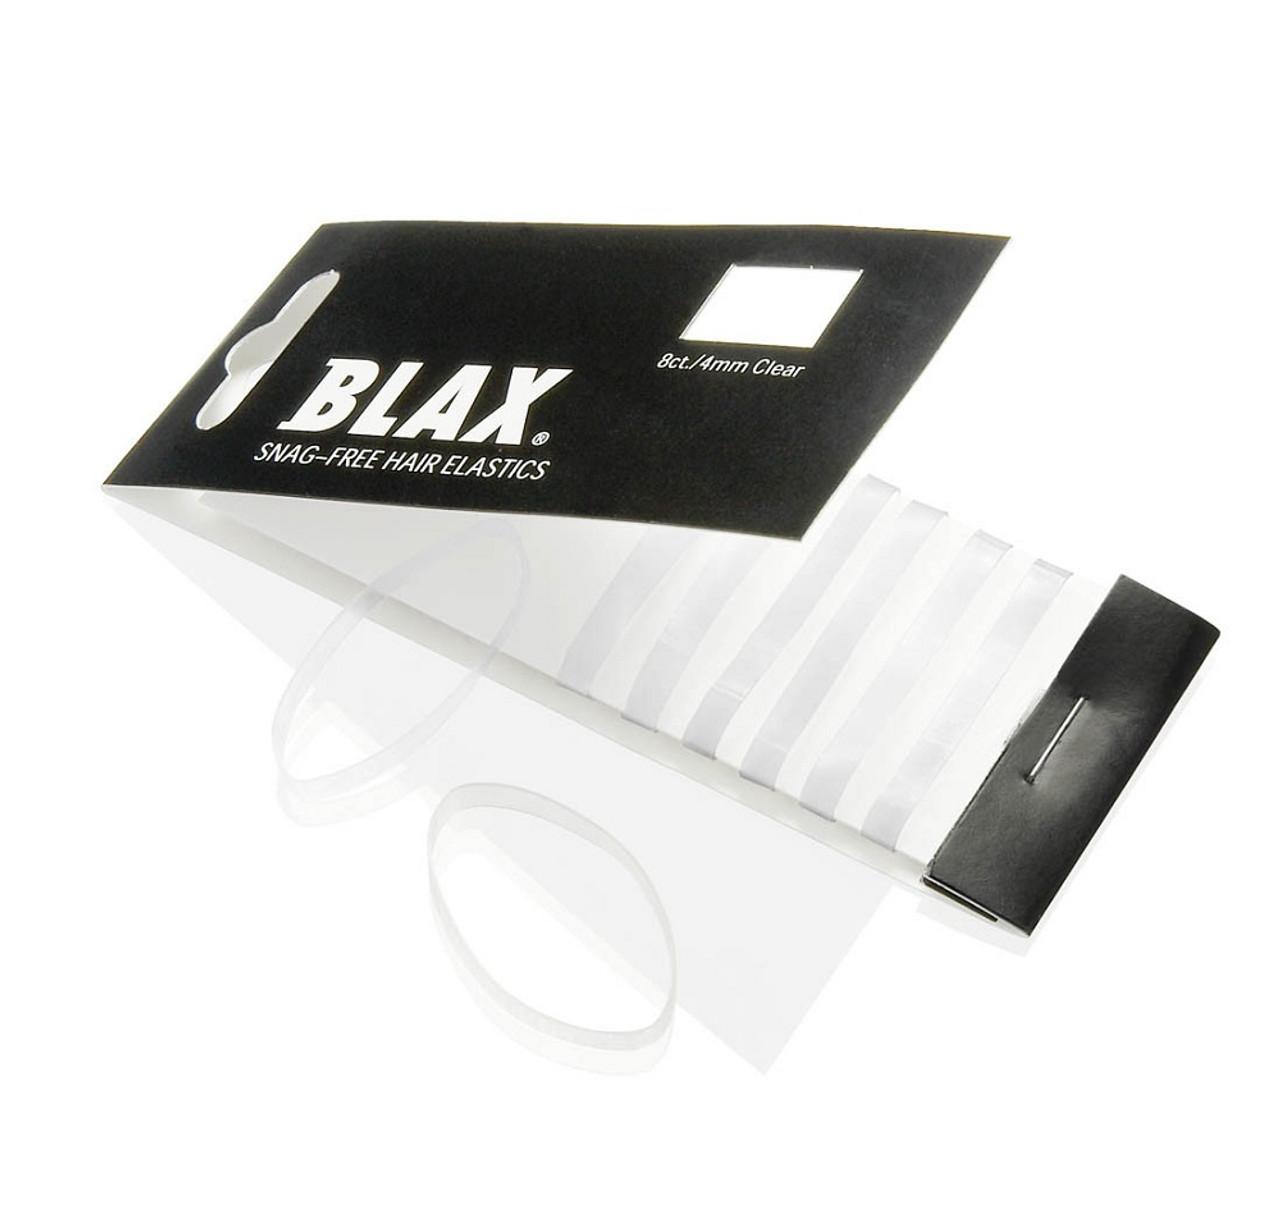 Blax 2Mm Clear Hair Elastics